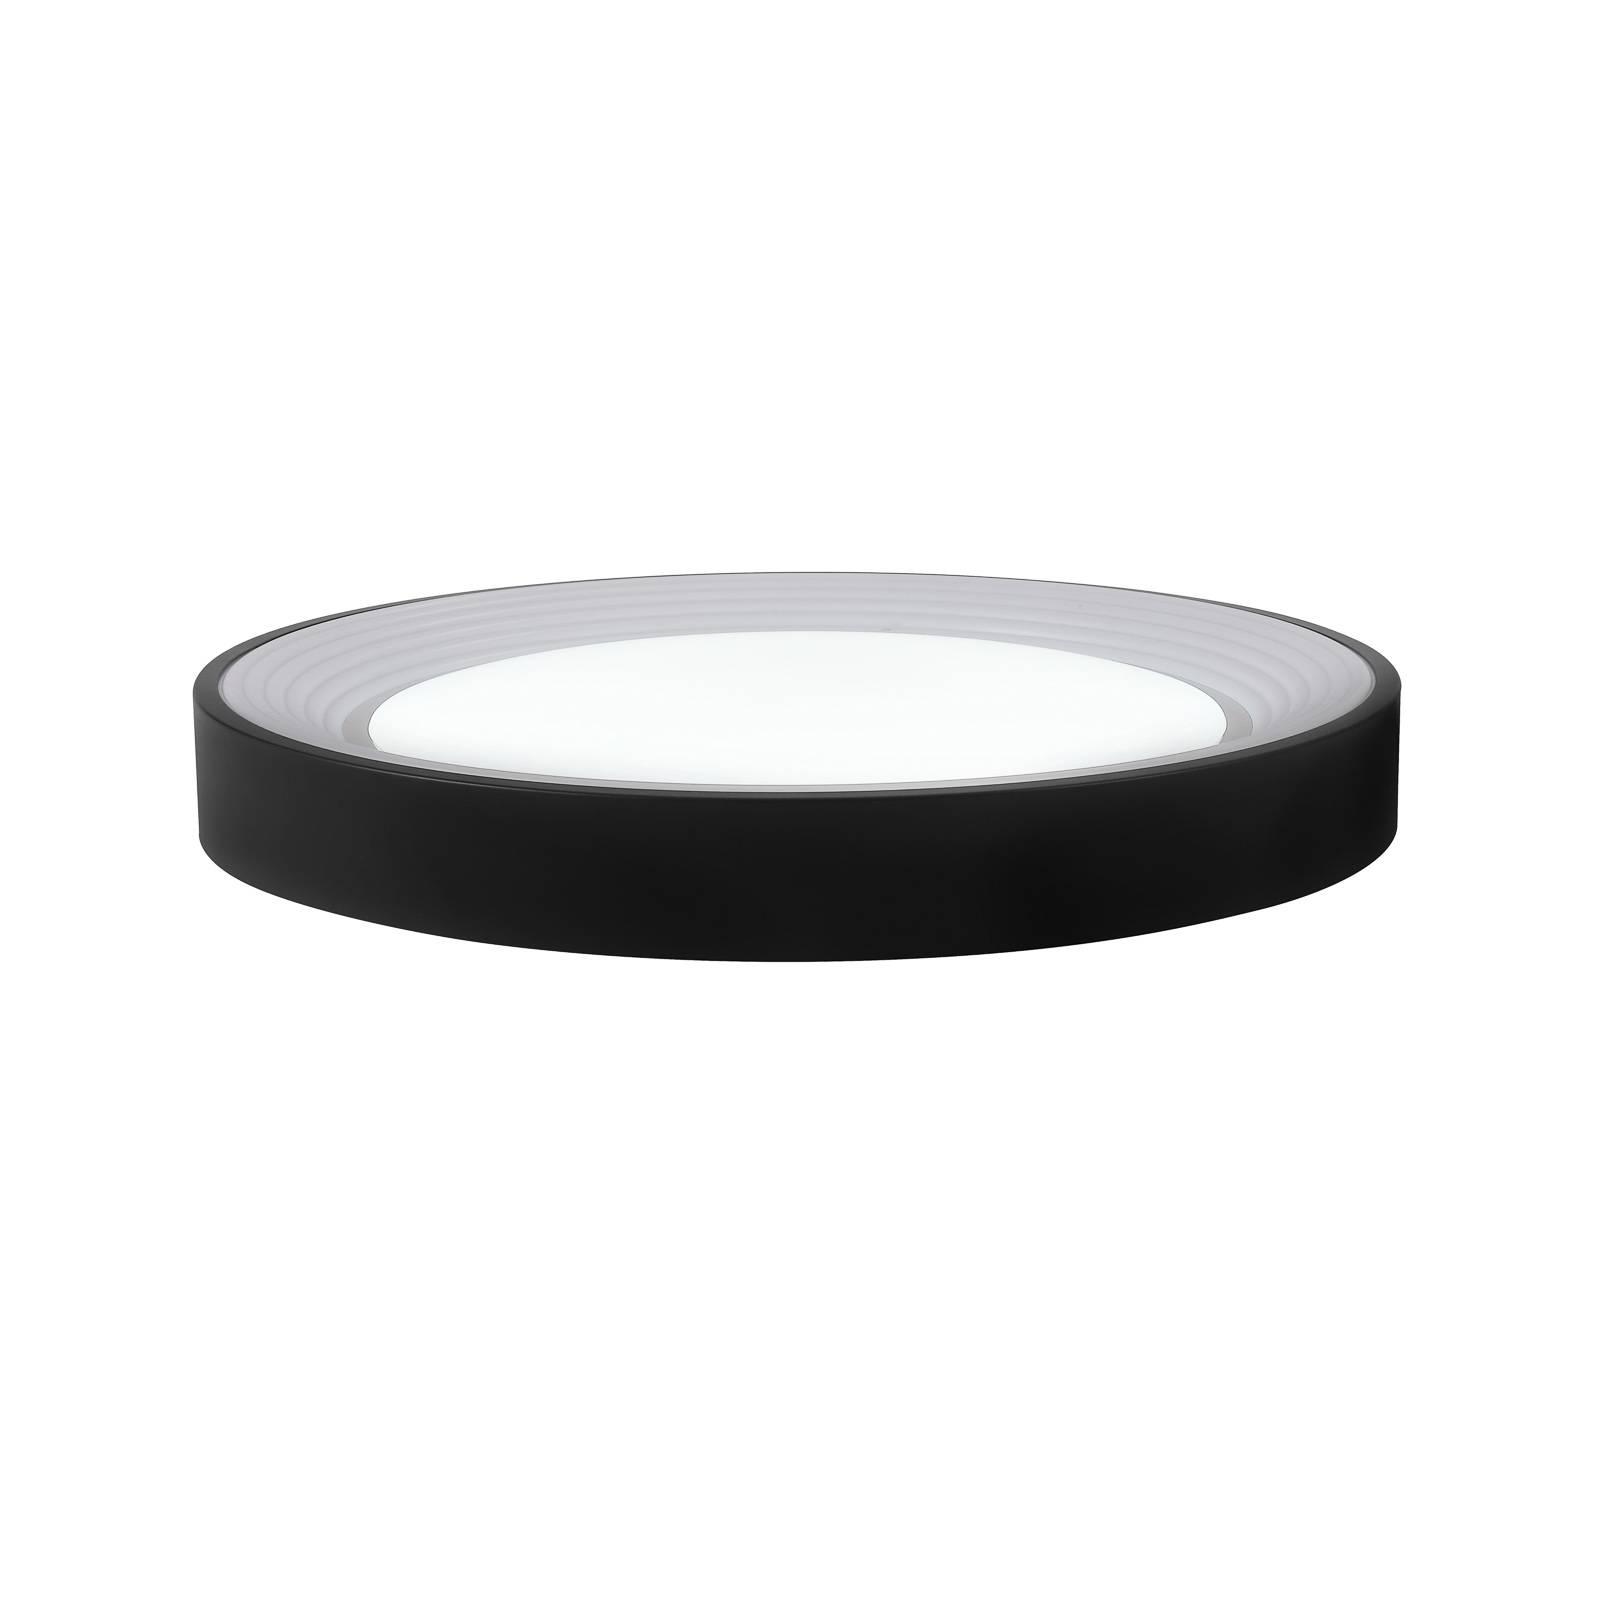 Lindby Lindum plafoniera LED, RGB, CCT, dimming